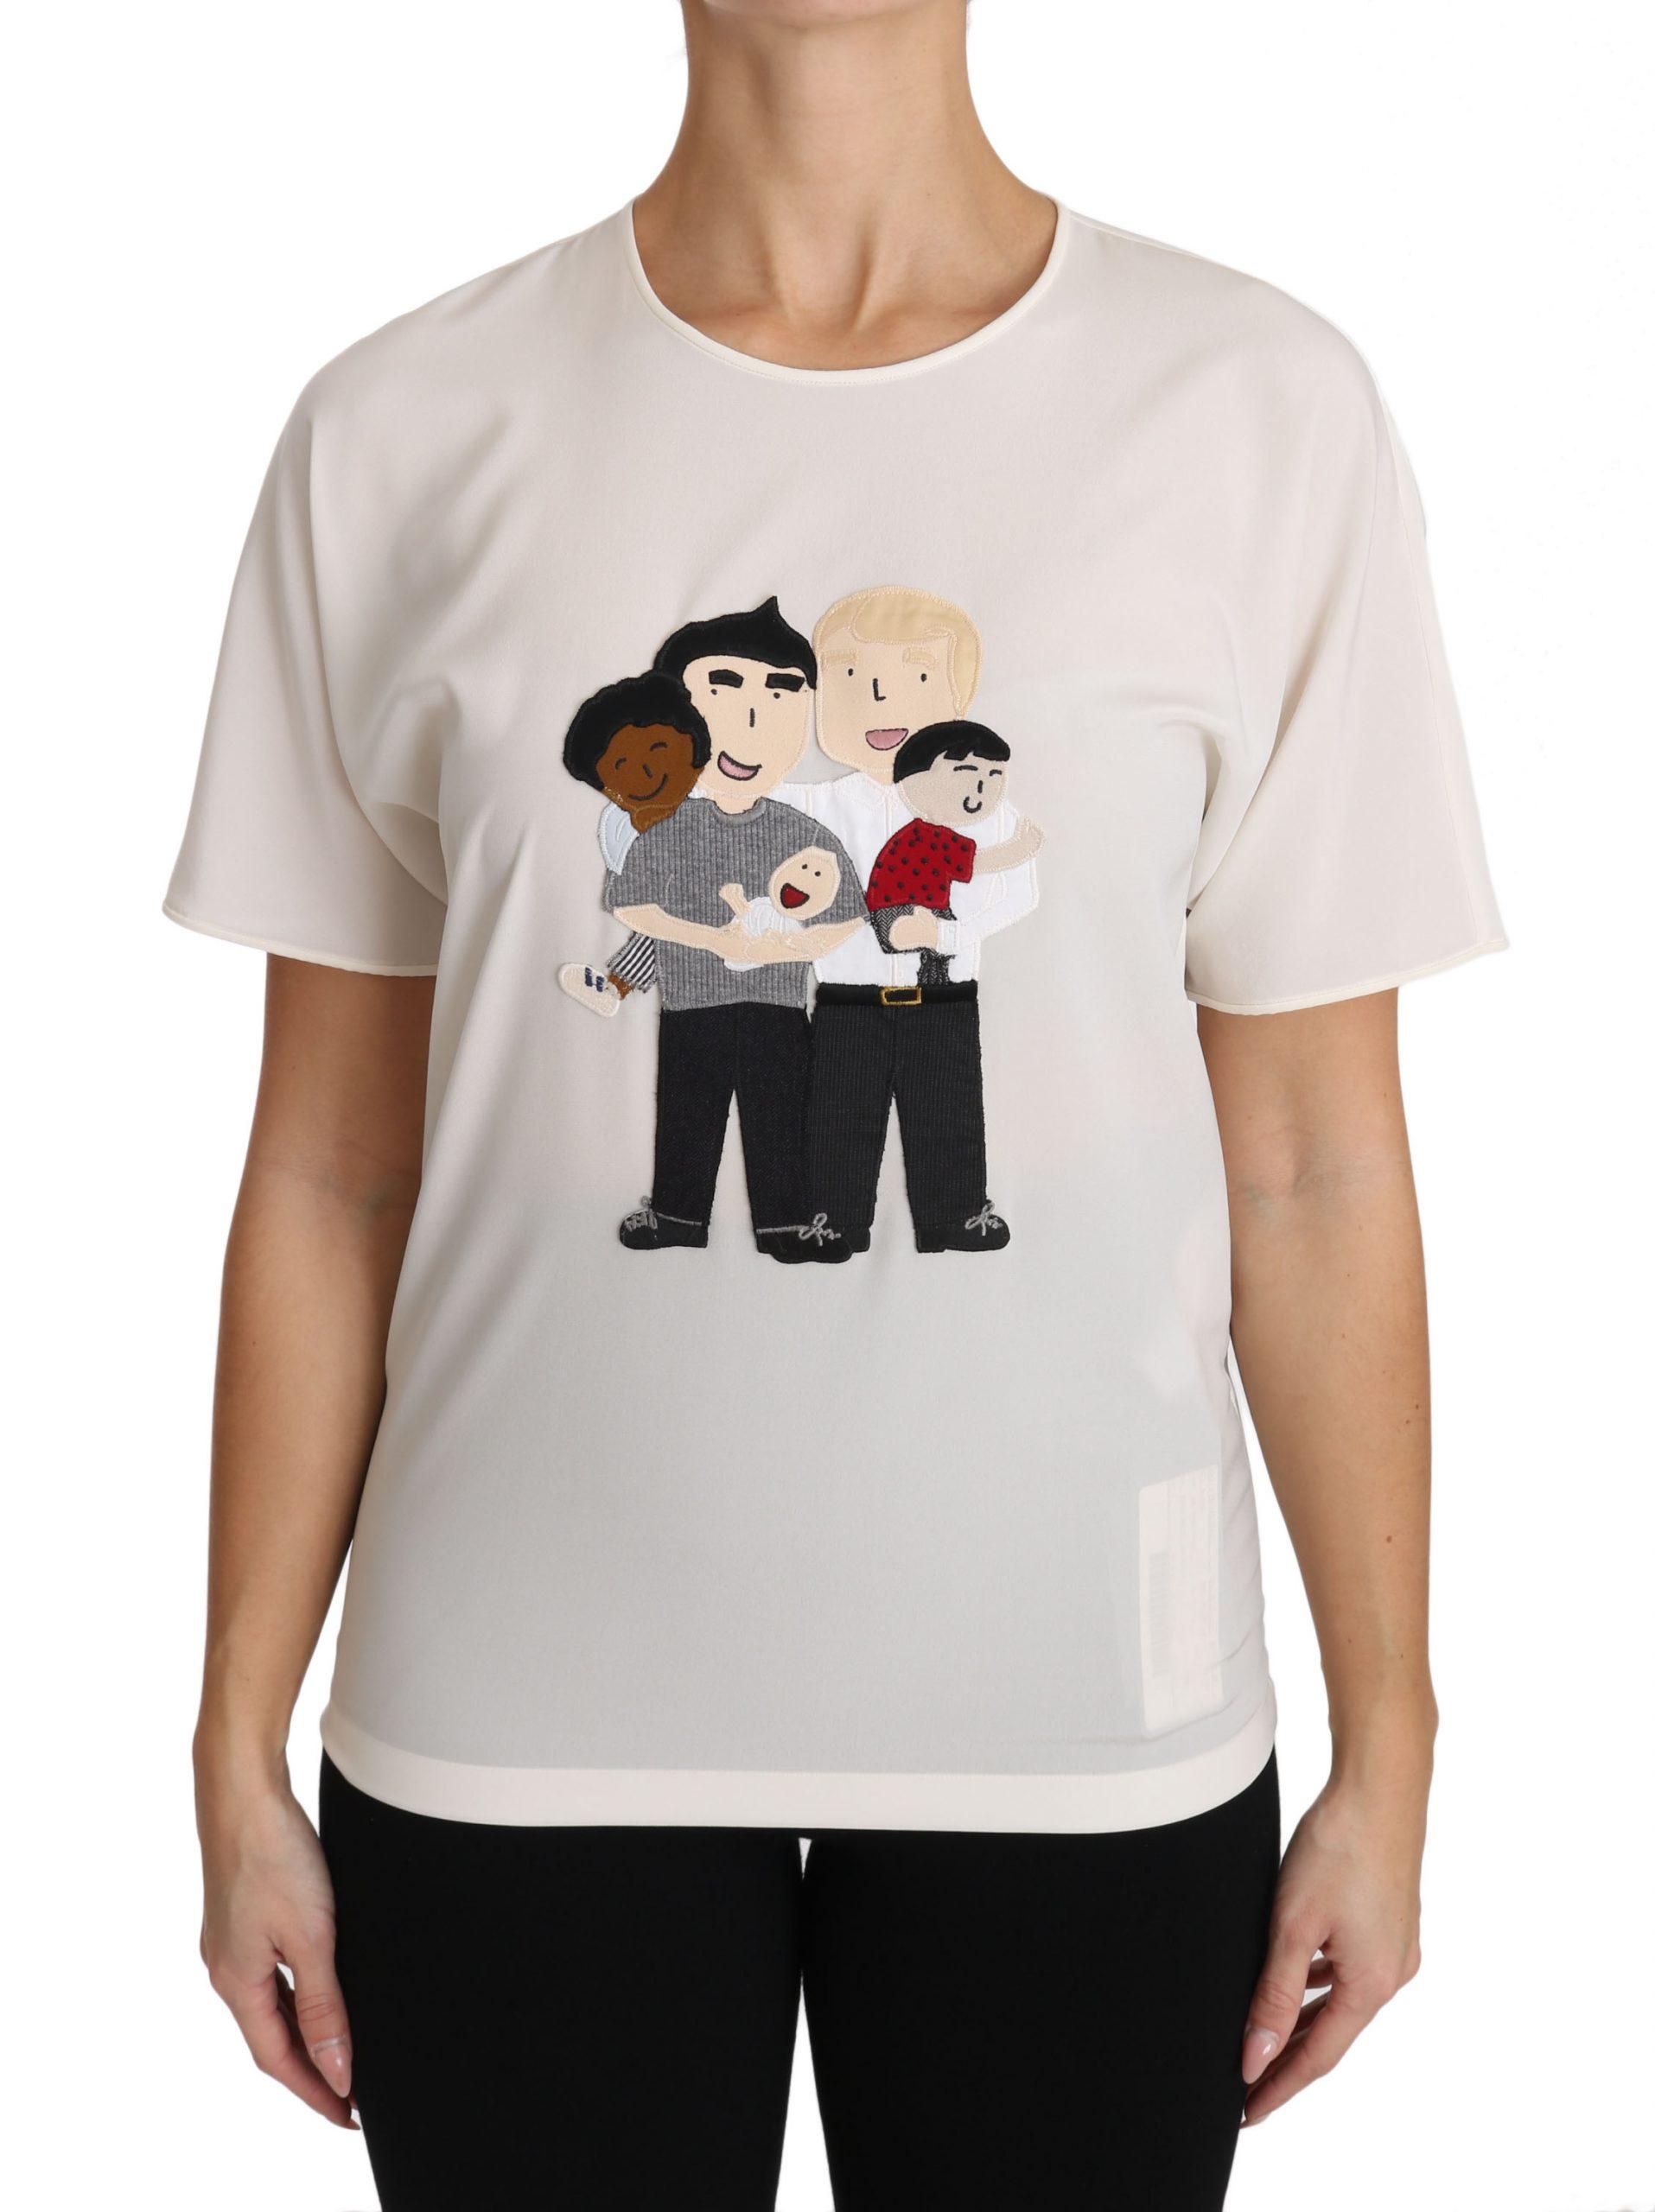 Dolce & Gabbana Women's Silk Stretch T-Shirts White TSH3082 - IT36|XXS